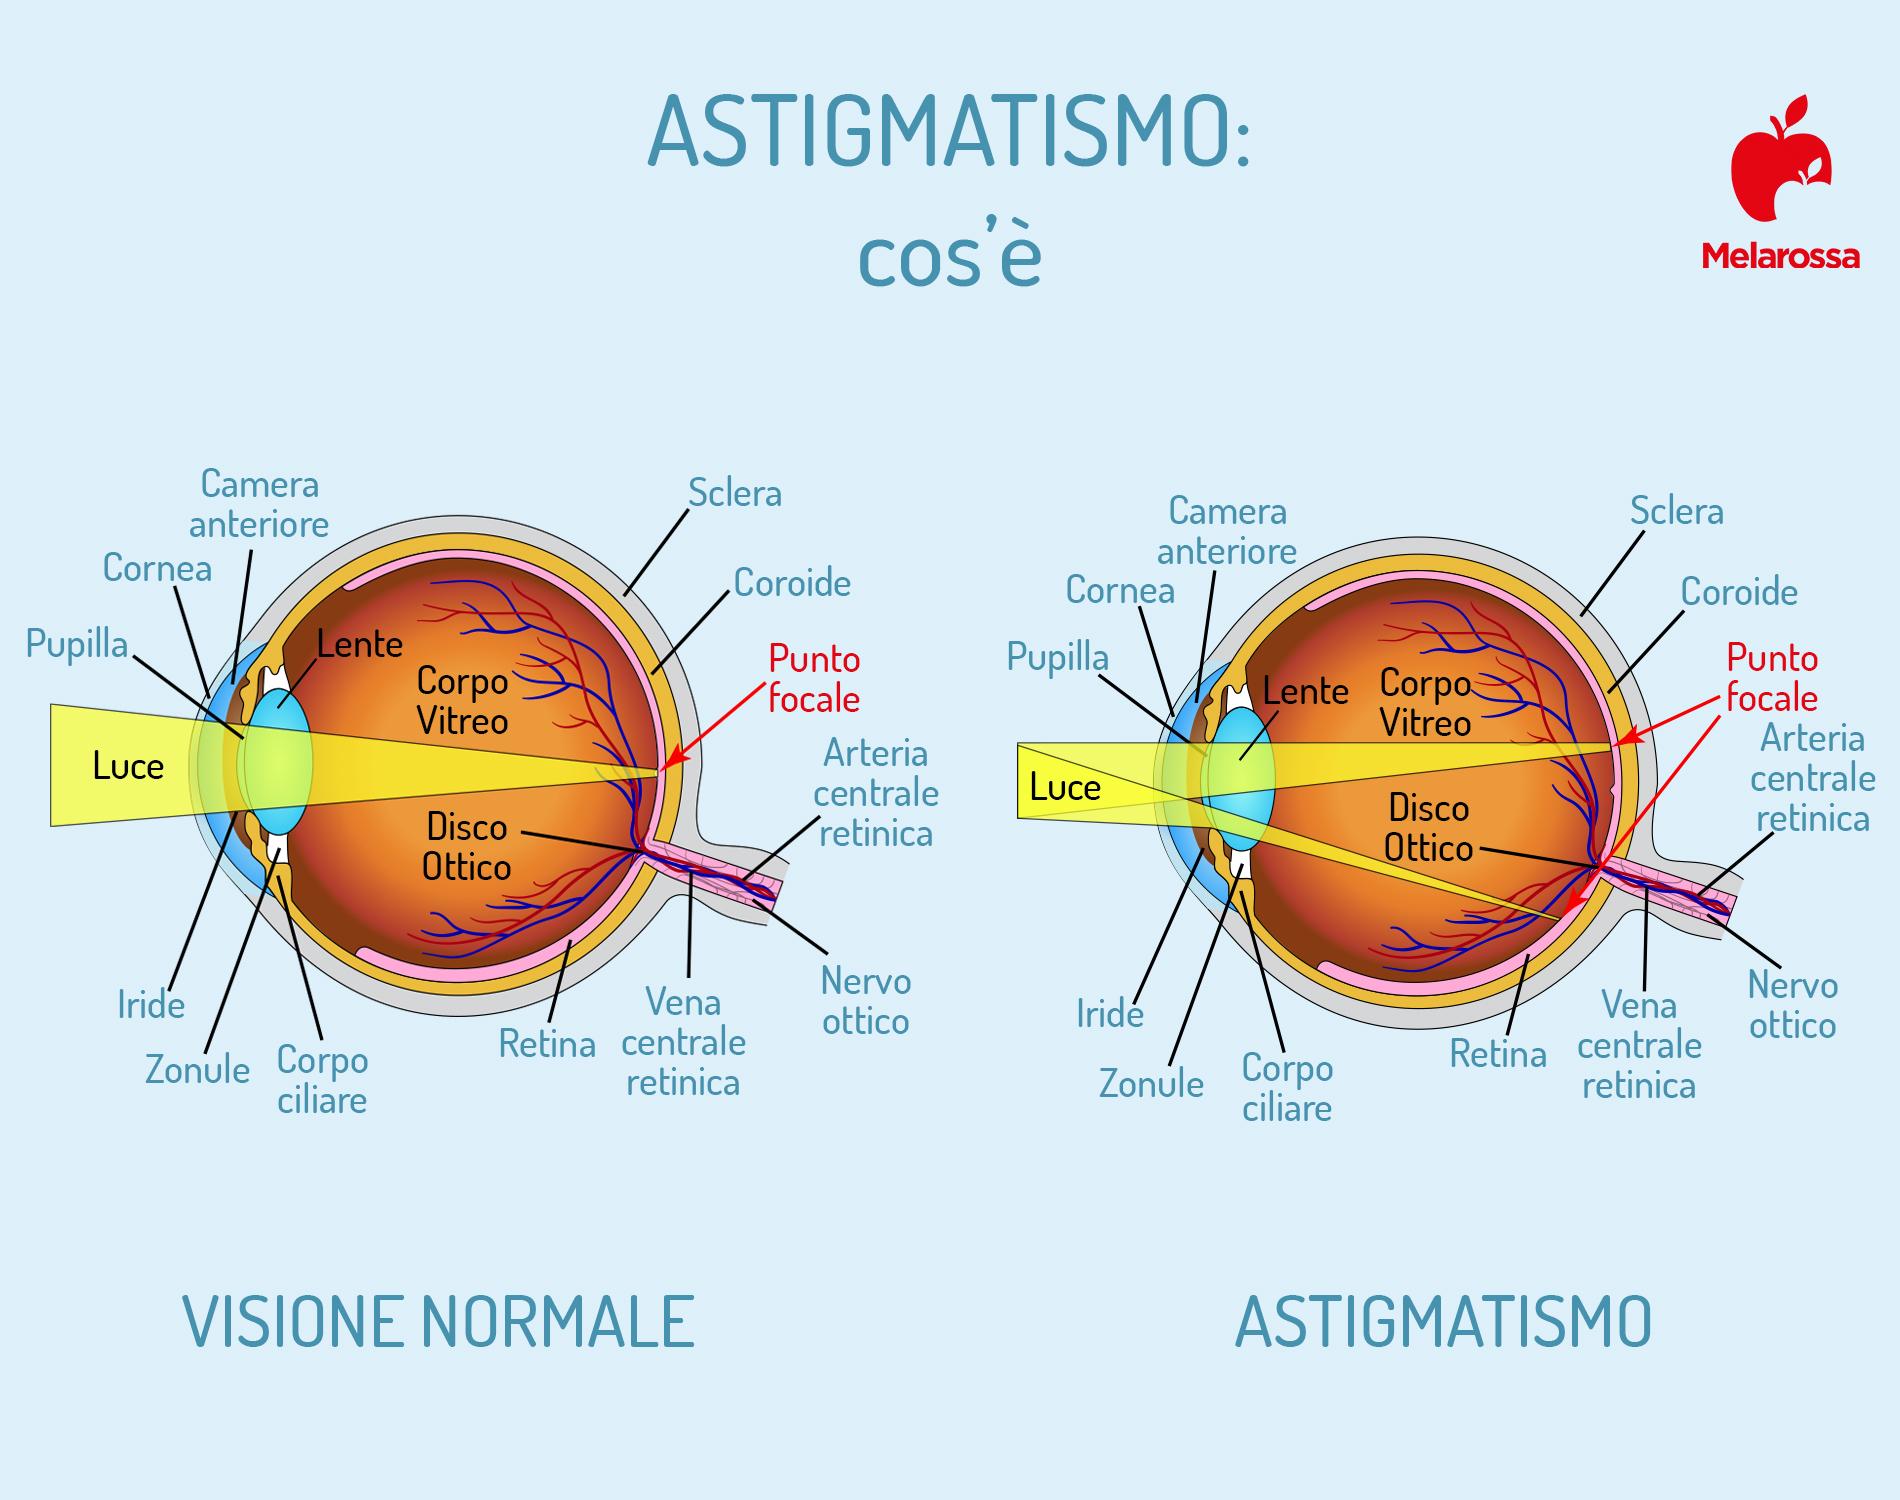 astigmatismo: anatomia dell'occhio